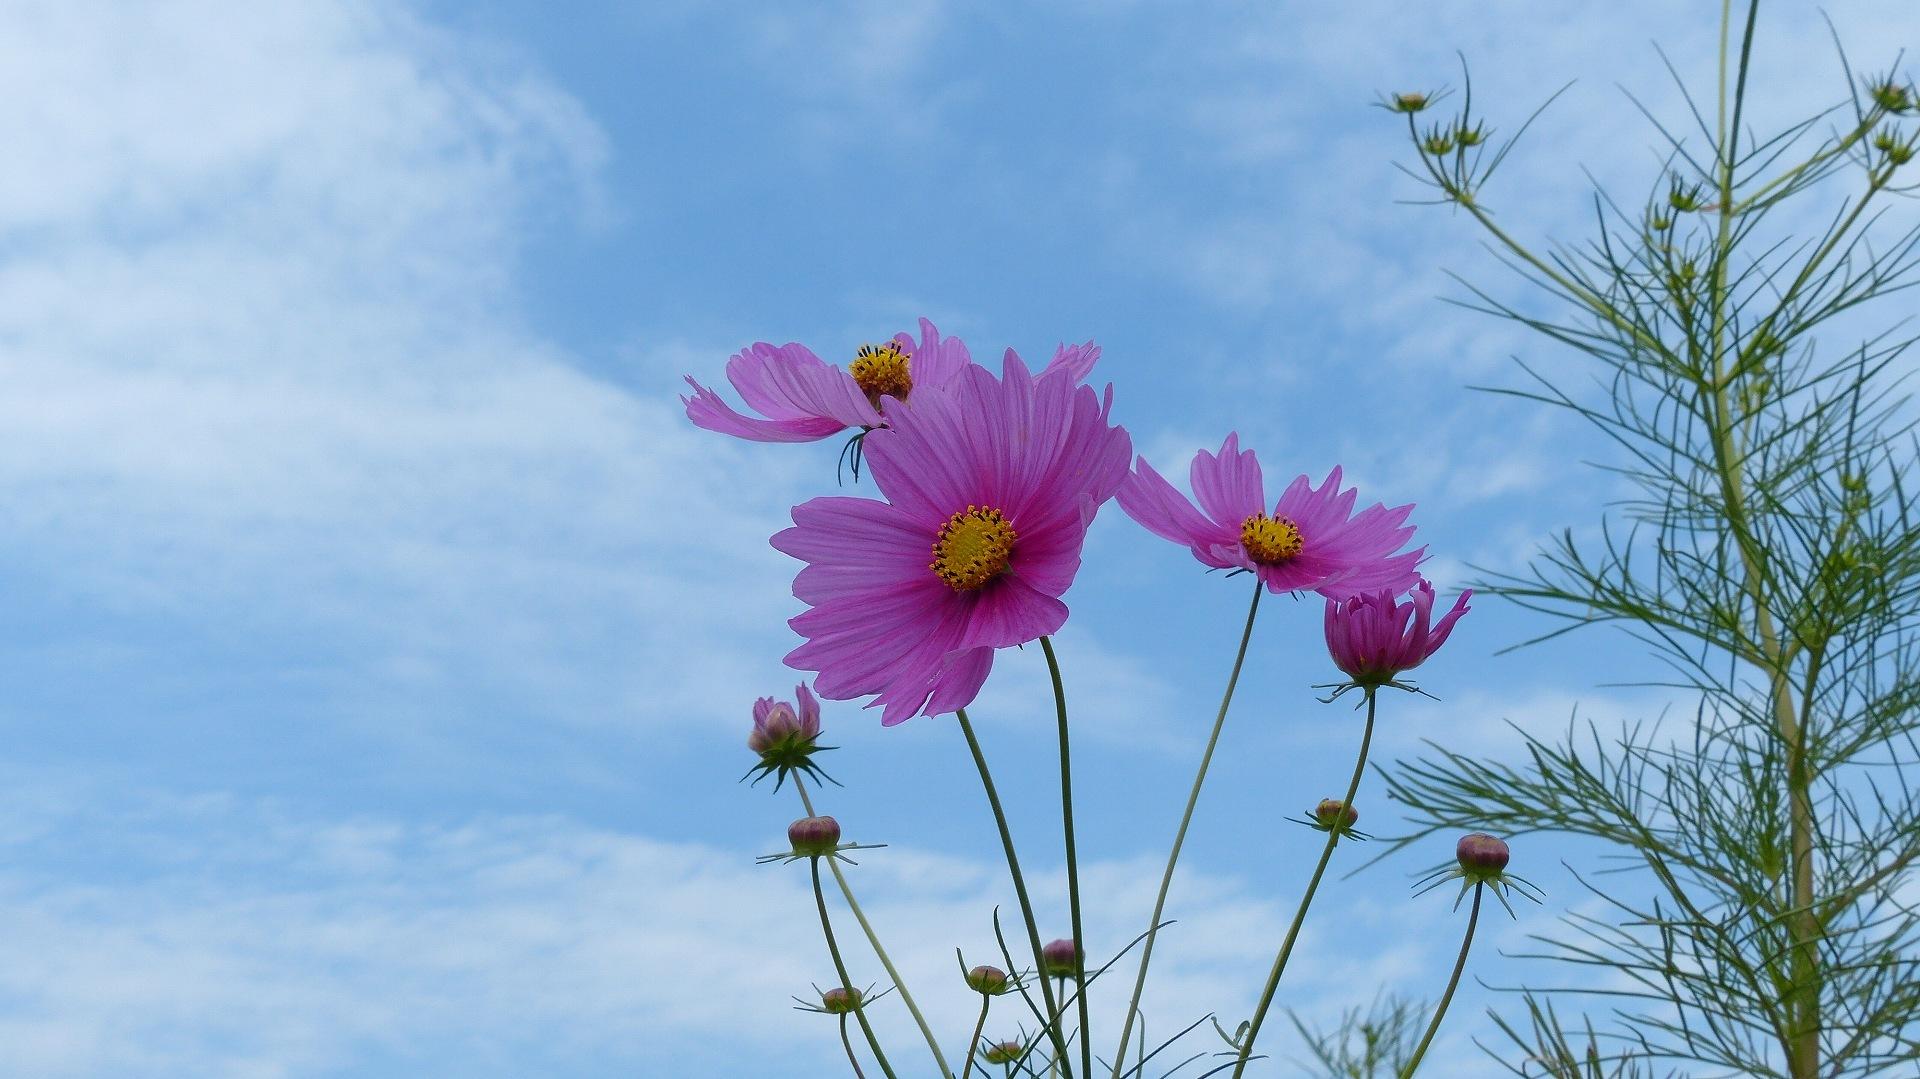 秋桜に恋してる_a0185081_11365592.jpg